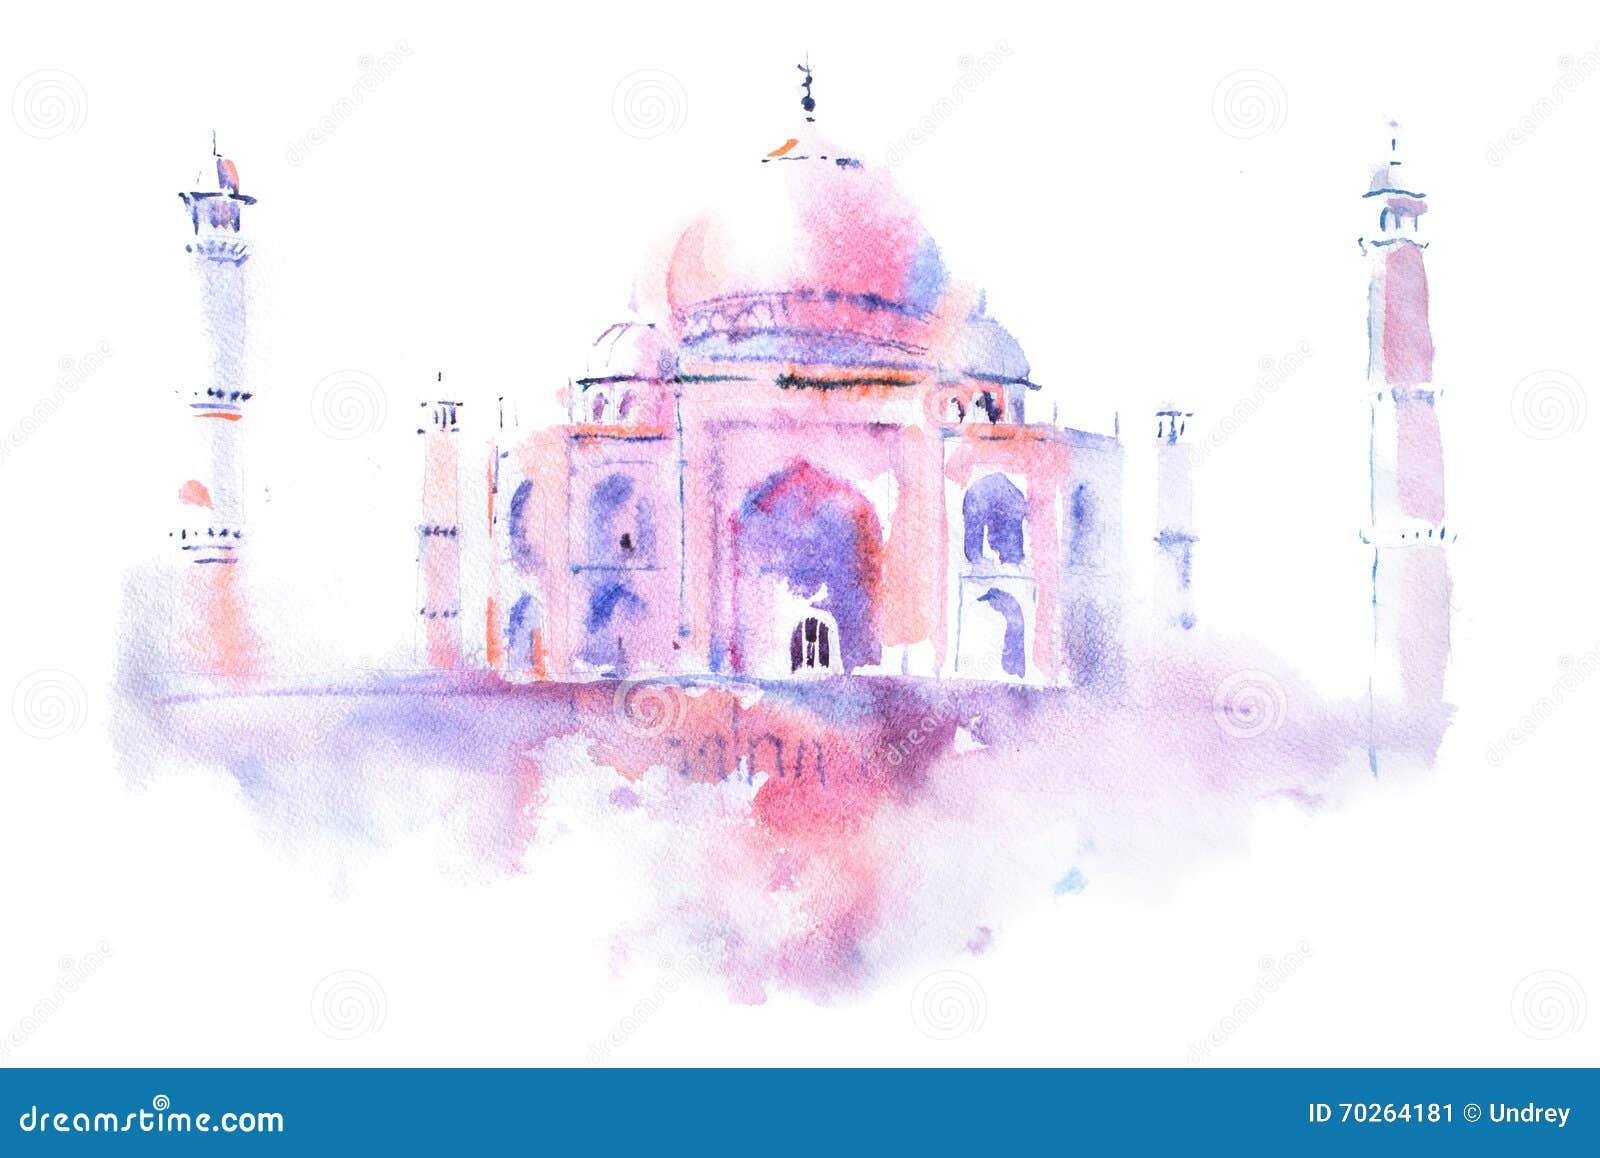 Watercolor Drawing Of Taj Mahal In Agra, India Stock Image ...